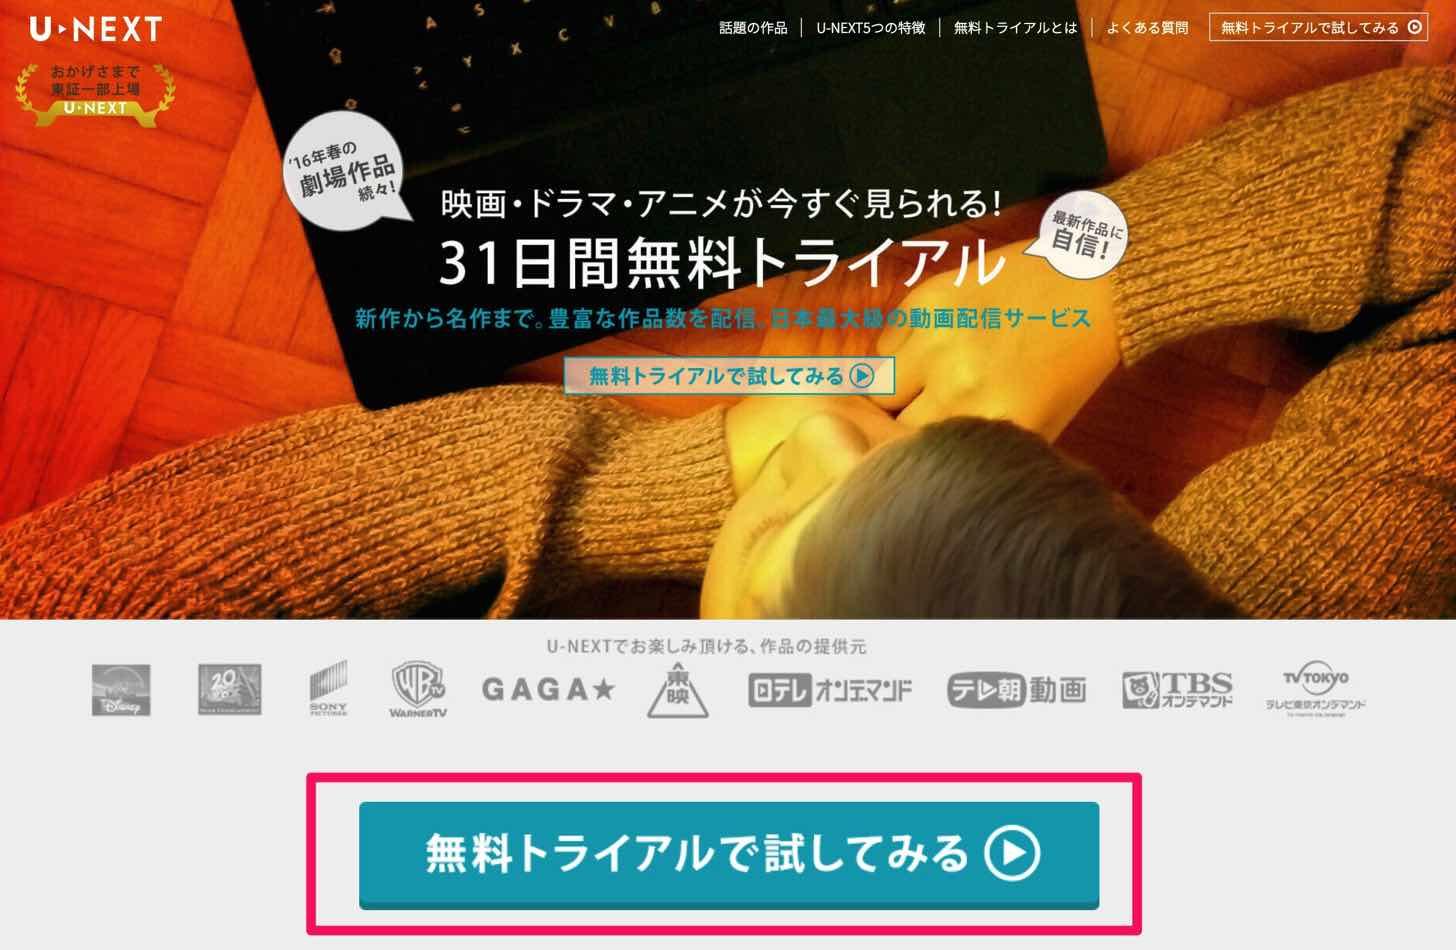 日本最大級のビデオオンデマンド U NEXT お得なキャンペーン実施中